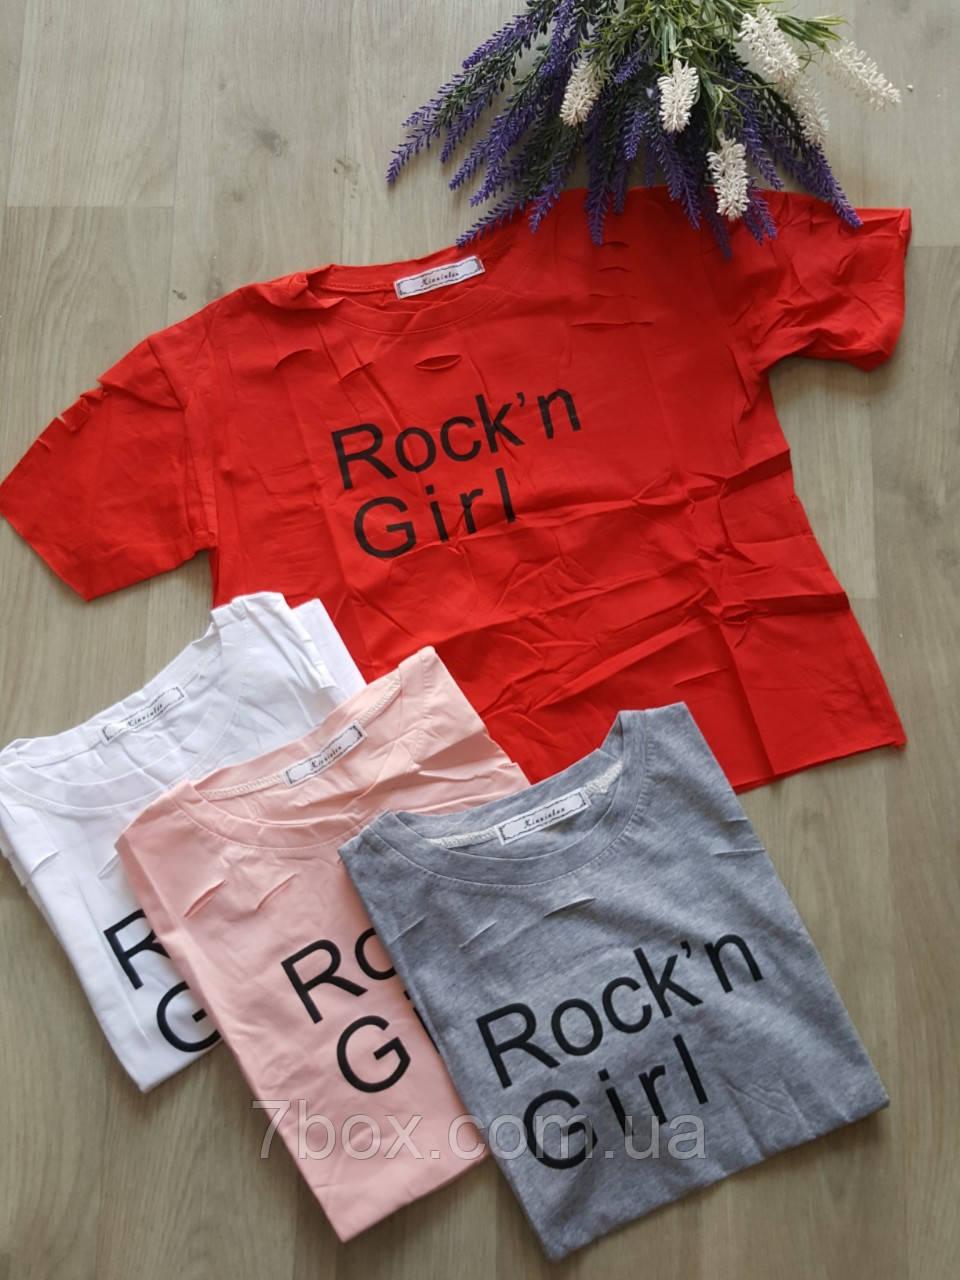 Топ женский Rock.n girl НОРМА (42-46 универсальный)